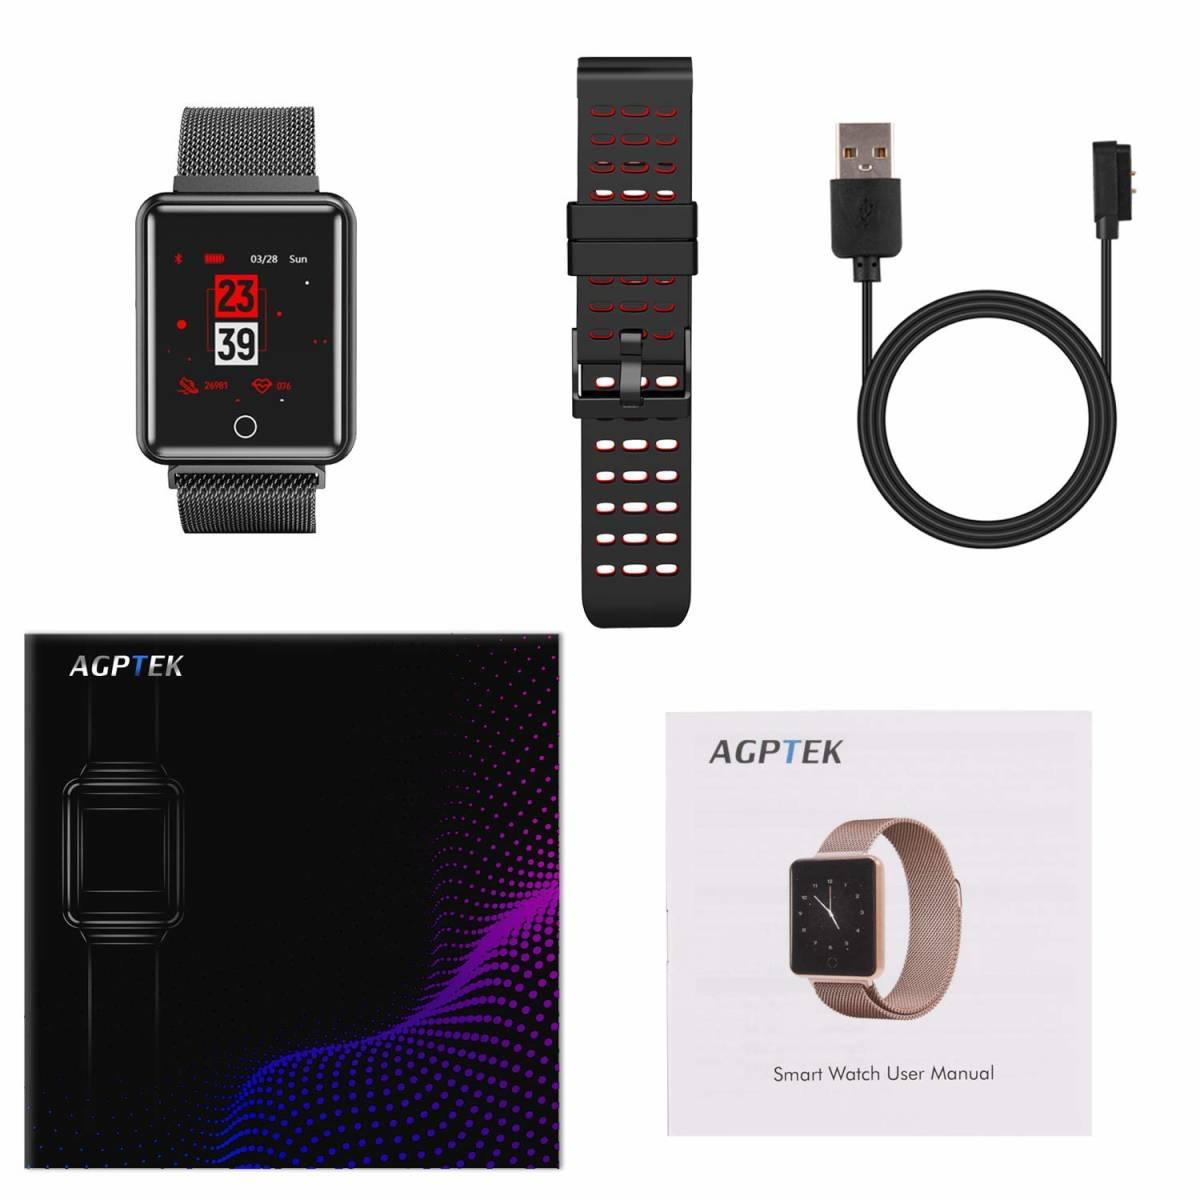 ★☆AGPTEK 2019最新 スマートウォッチ IP67防水 スマートブレスレット Bluetooth機能搭載 歩数計 タッチ操作【S0625】☆★_画像10